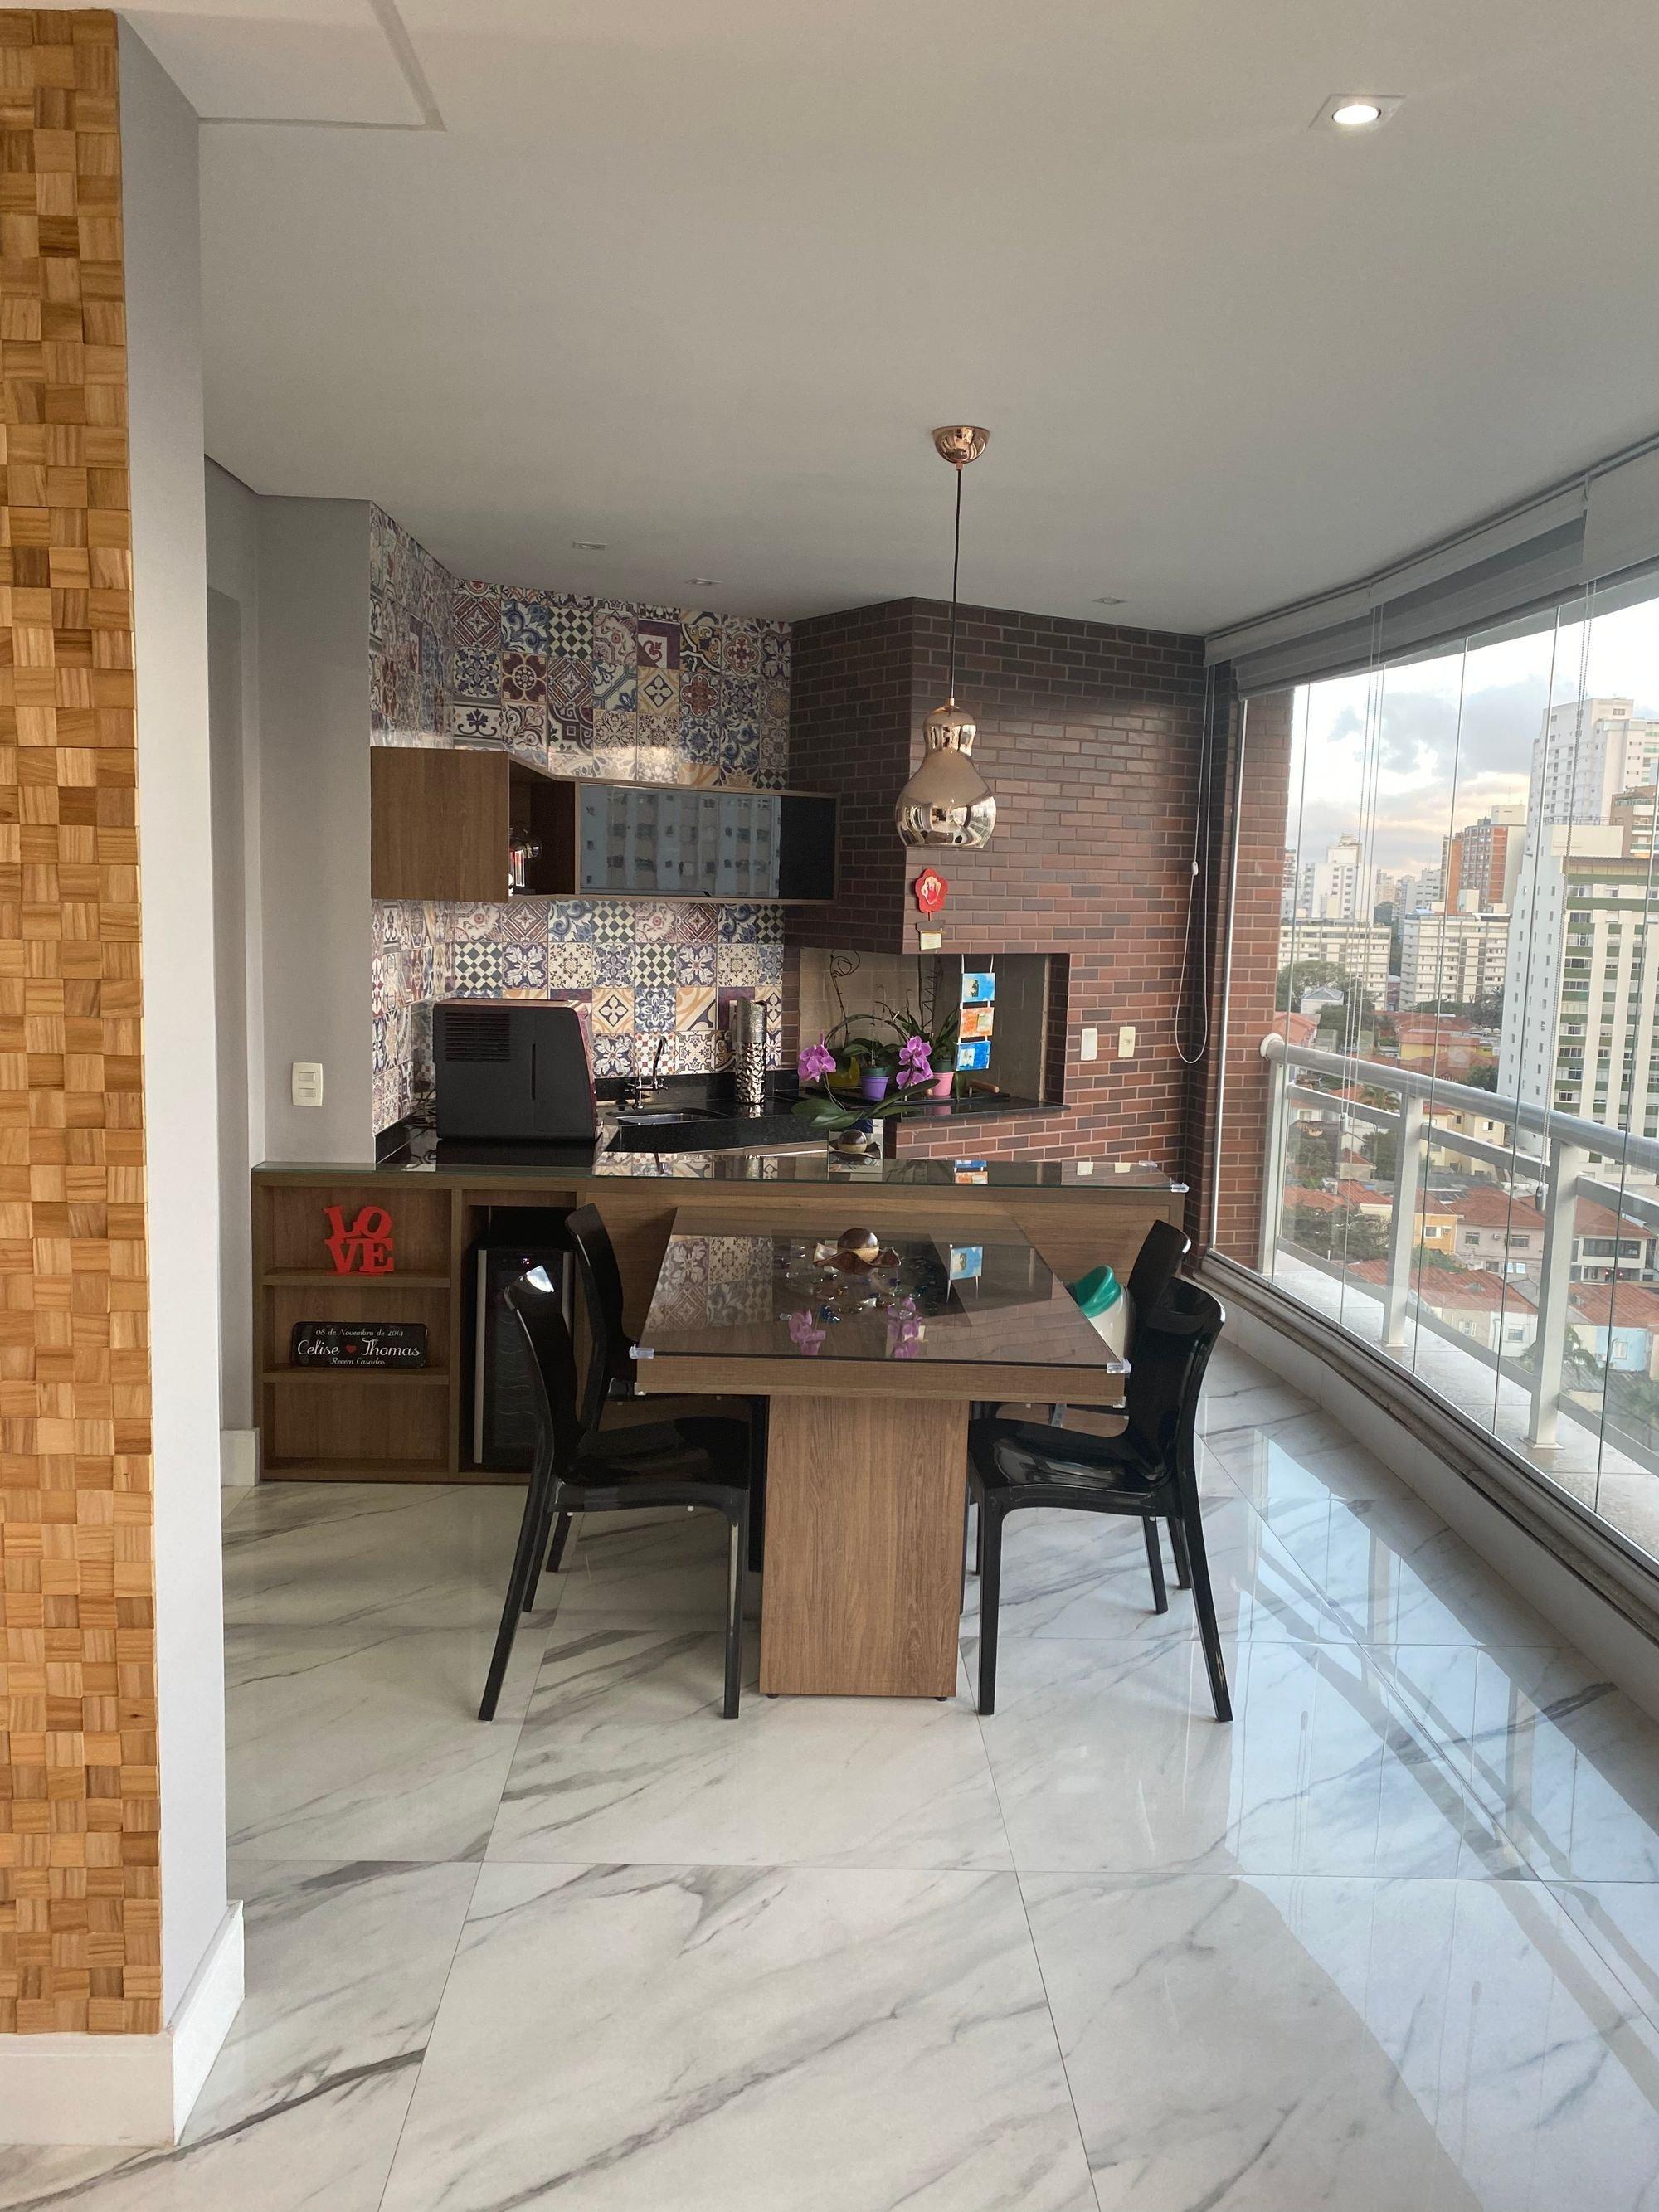 Foto de Sala com cadeira, microondas, mesa de jantar